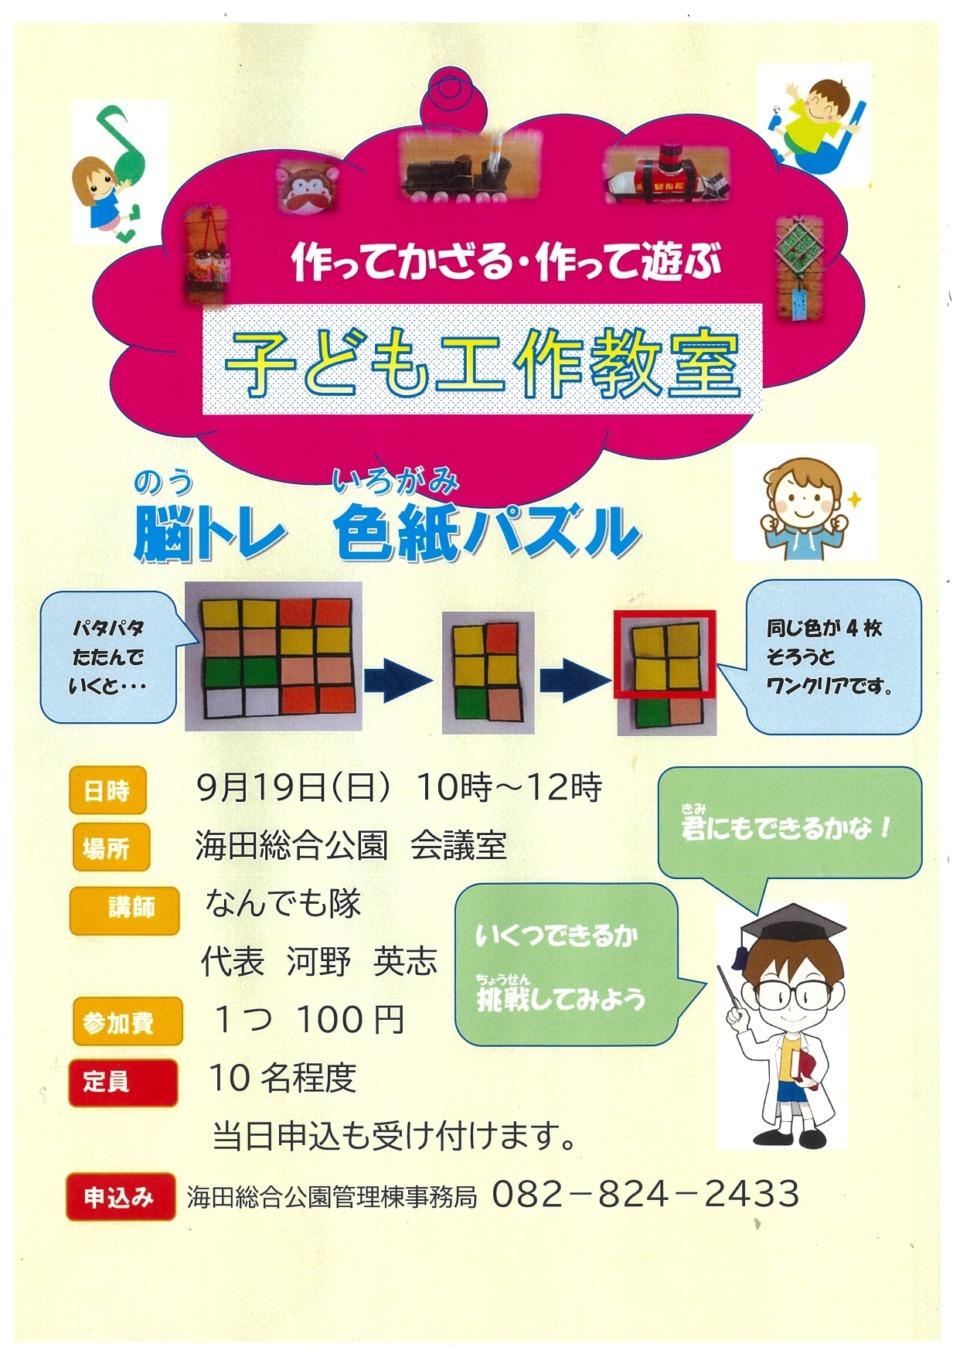 子ども工作教室「色紙パズル」